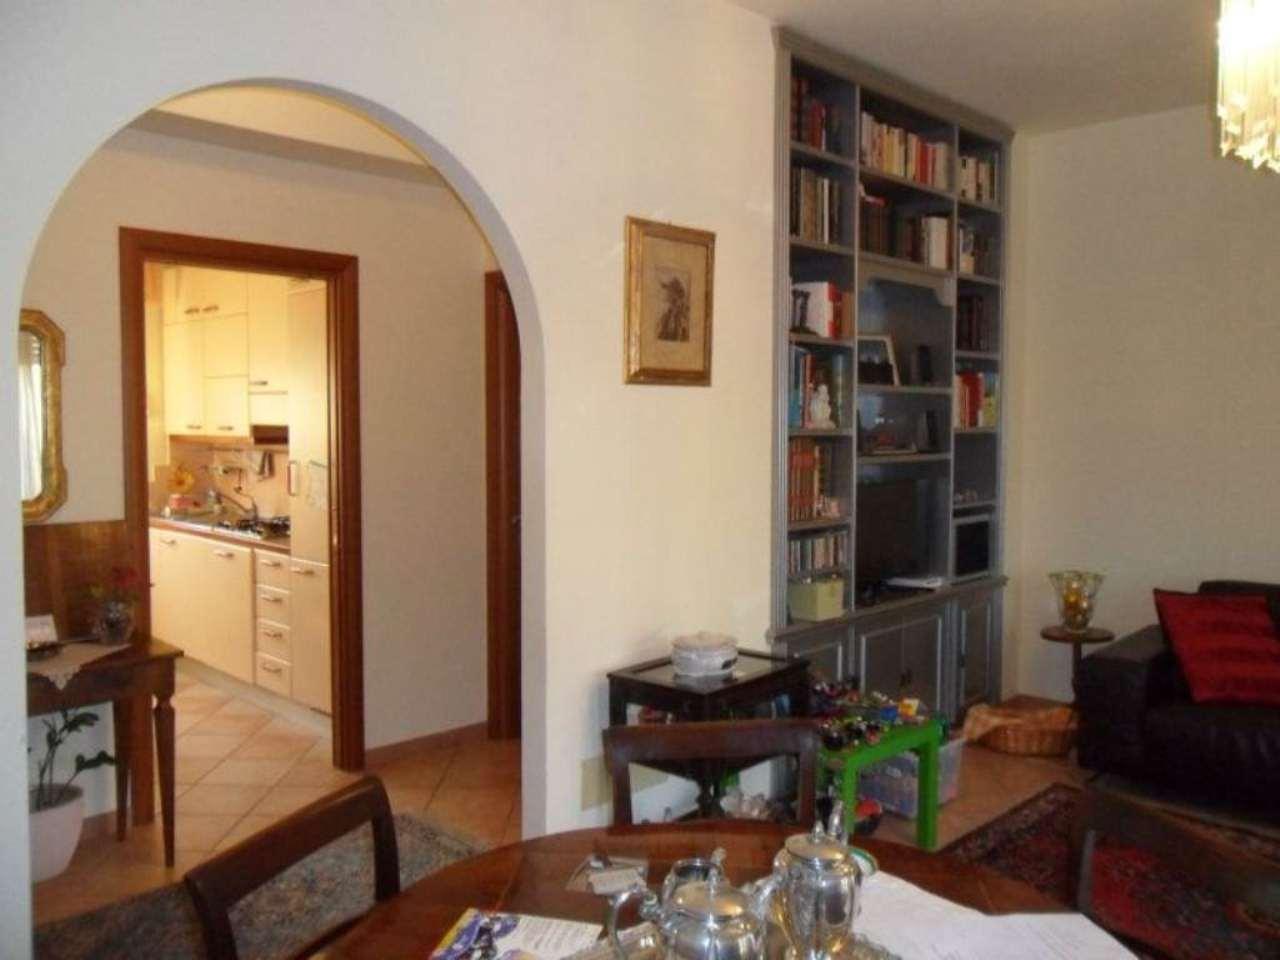 Appartamento in vendita a Rimini, 4 locali, prezzo € 250.000 | Cambio Casa.it